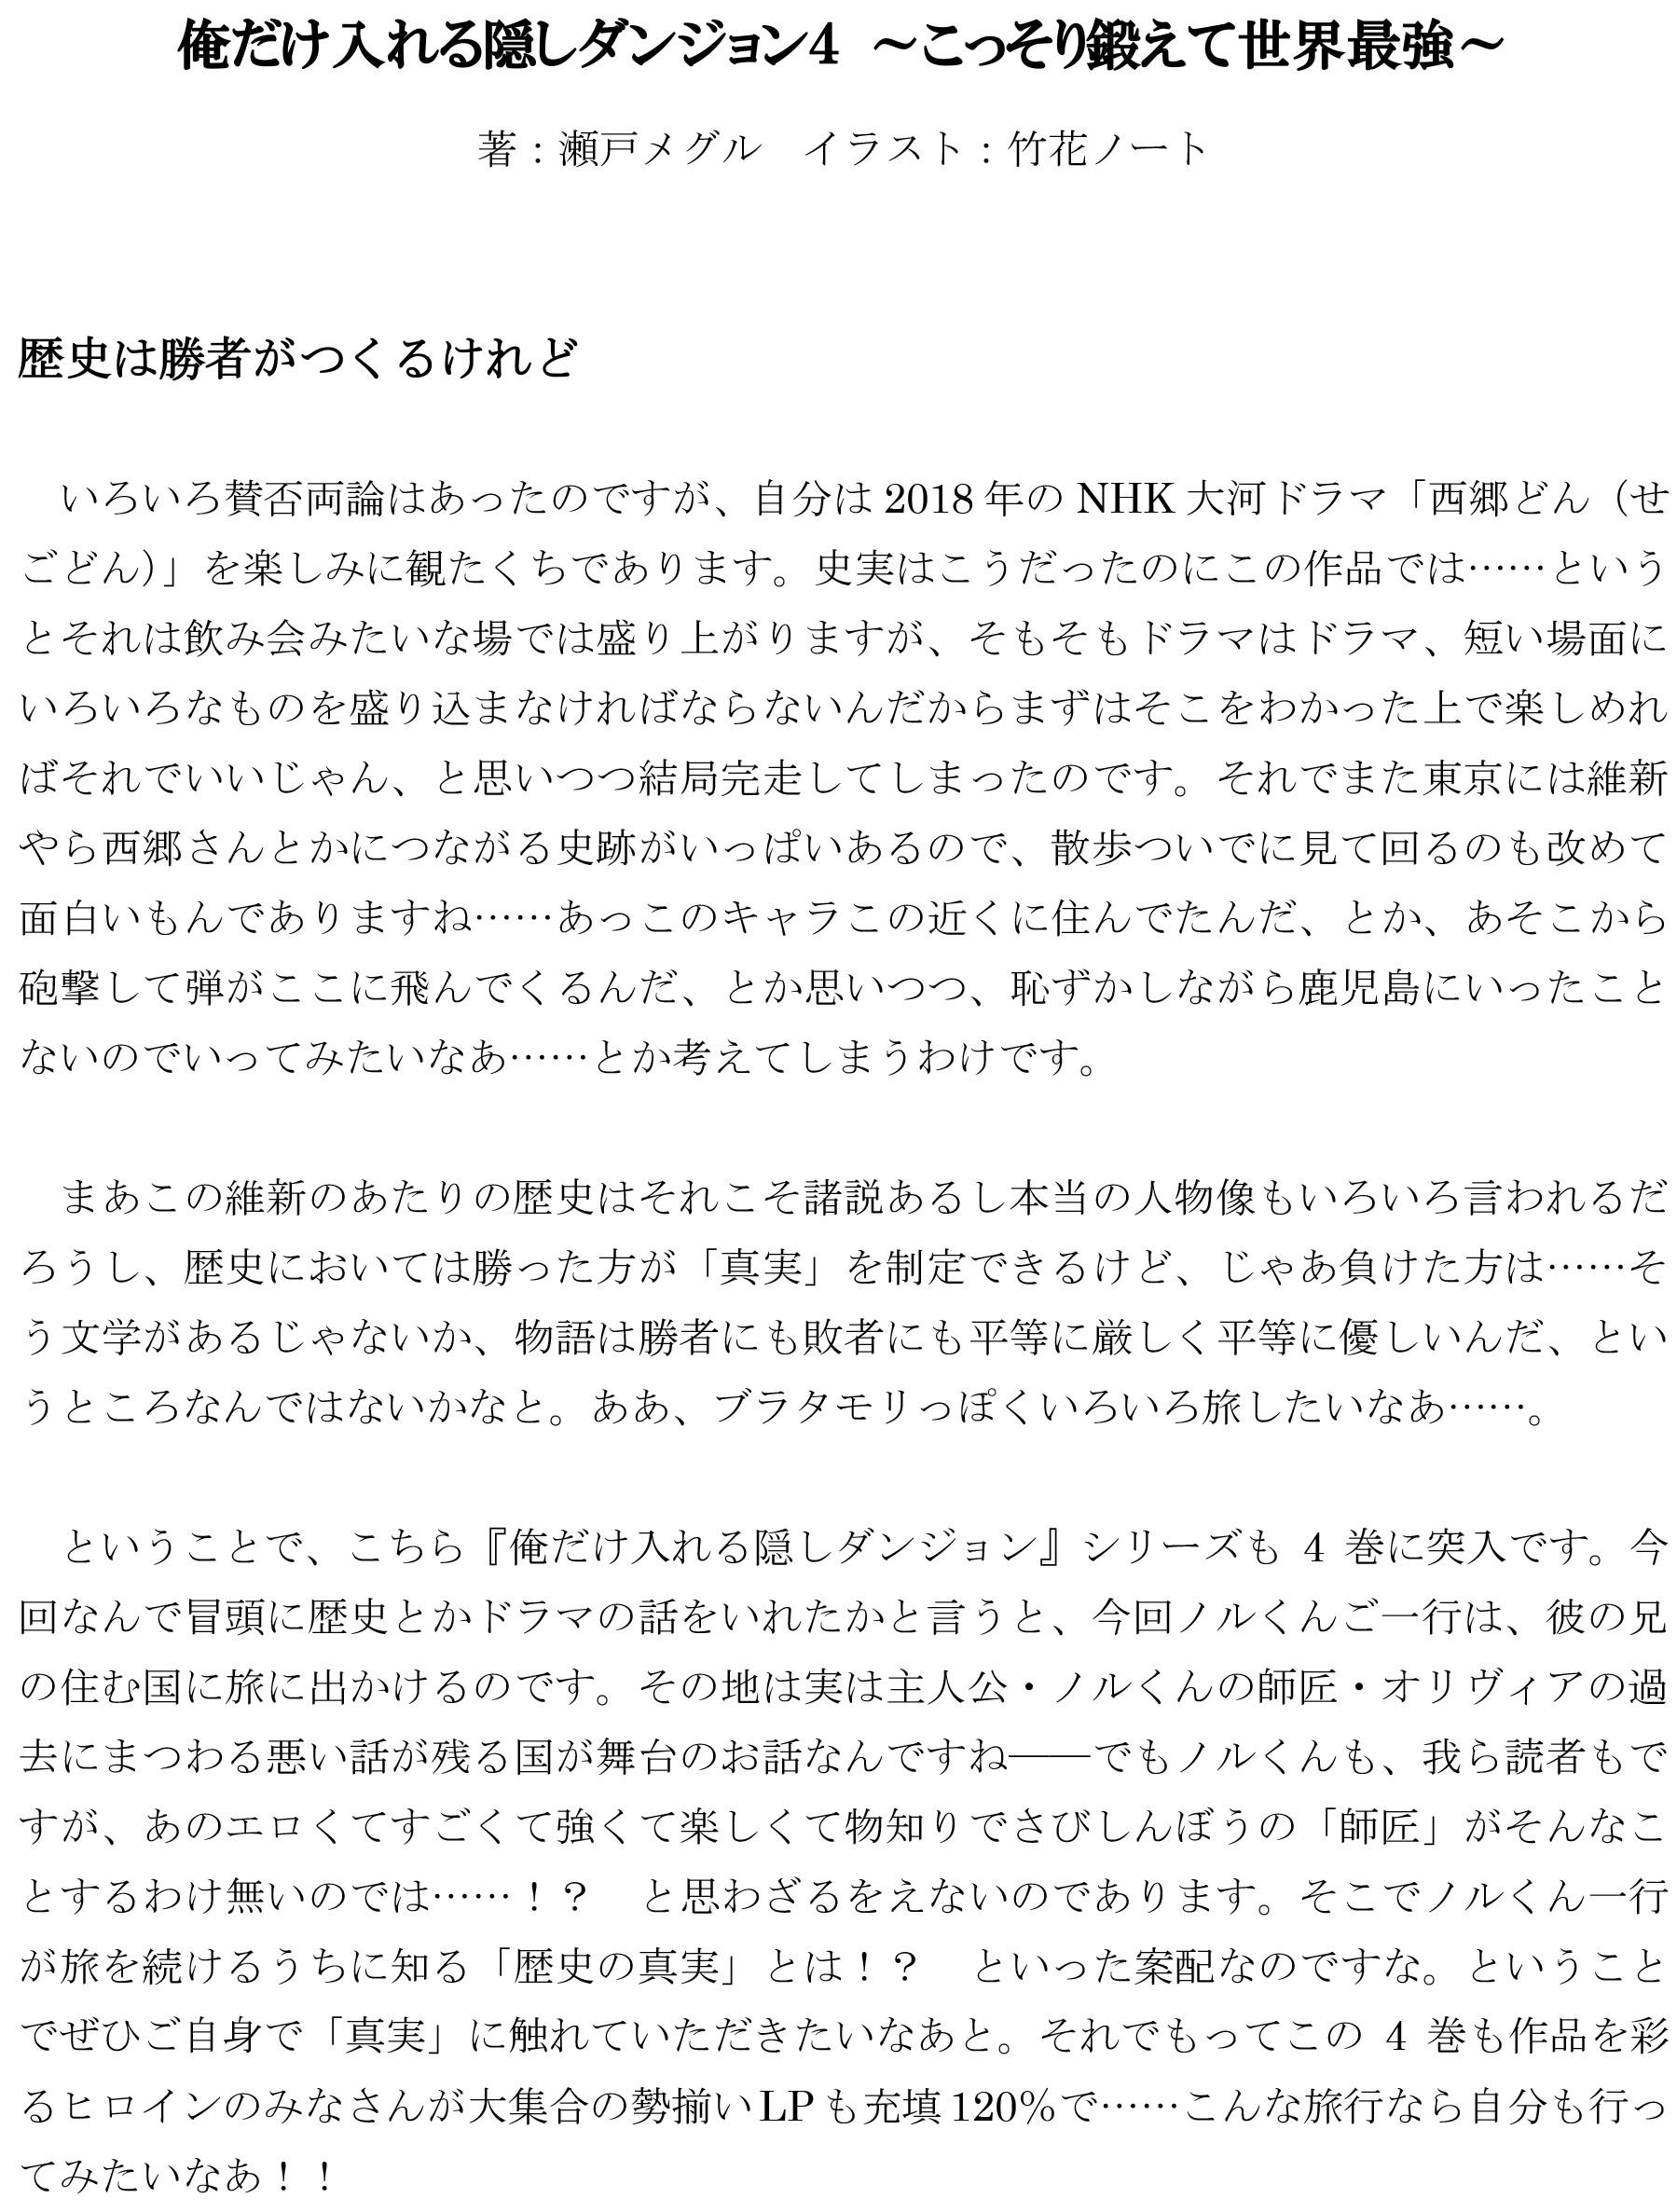 【隠しダンジョン4】_1